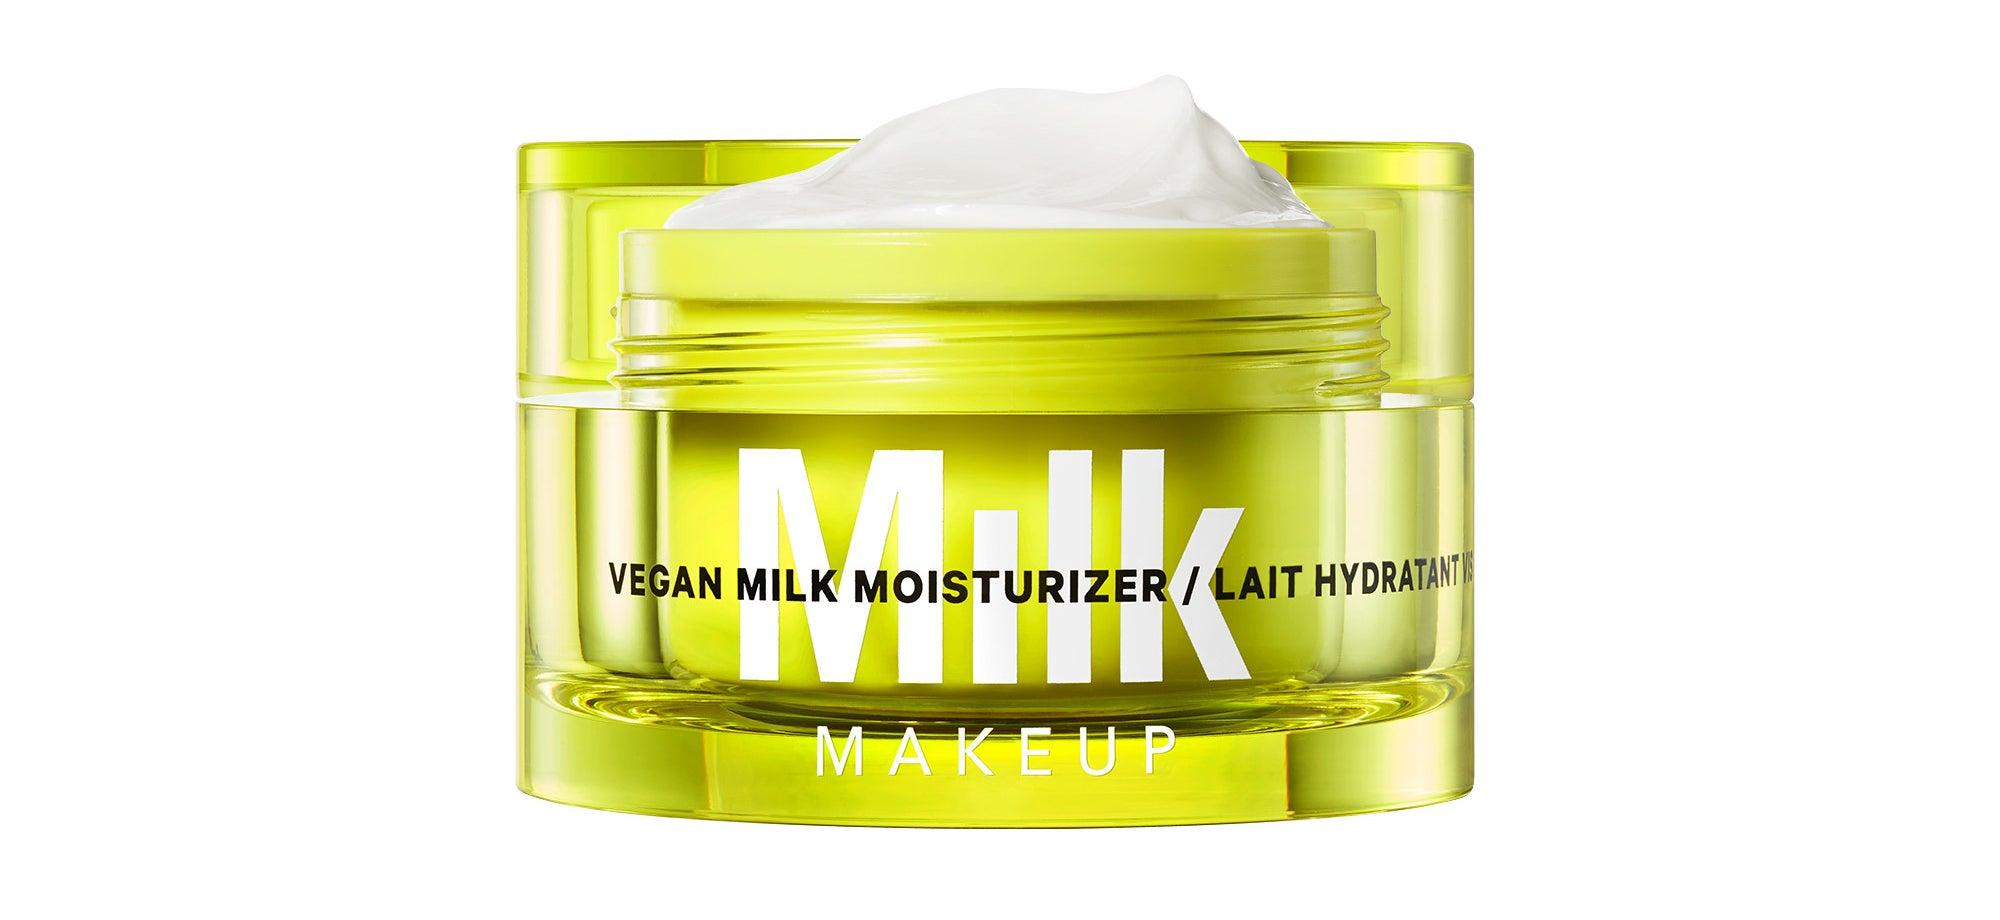 The vegan milk moisturizer